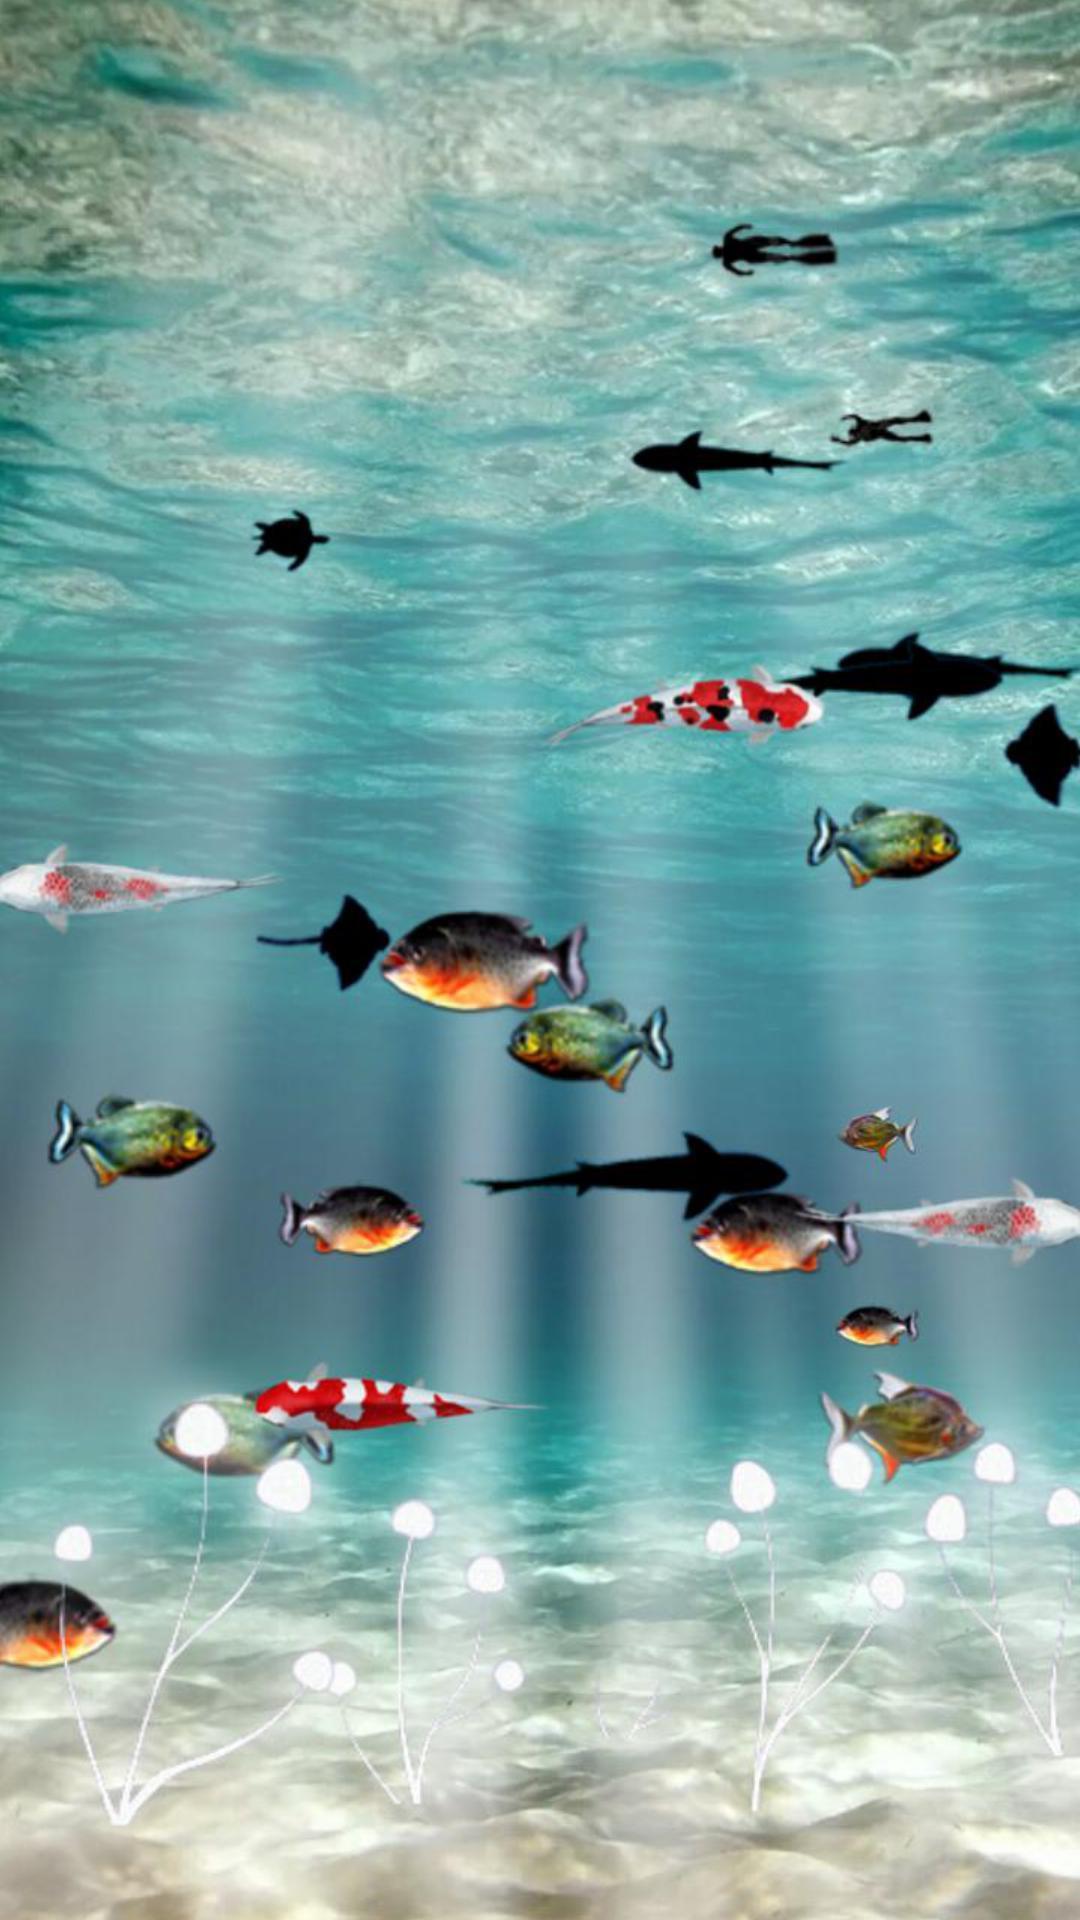 海底世界主题动态壁纸3.3安卓客户端下载_mdpda手机网